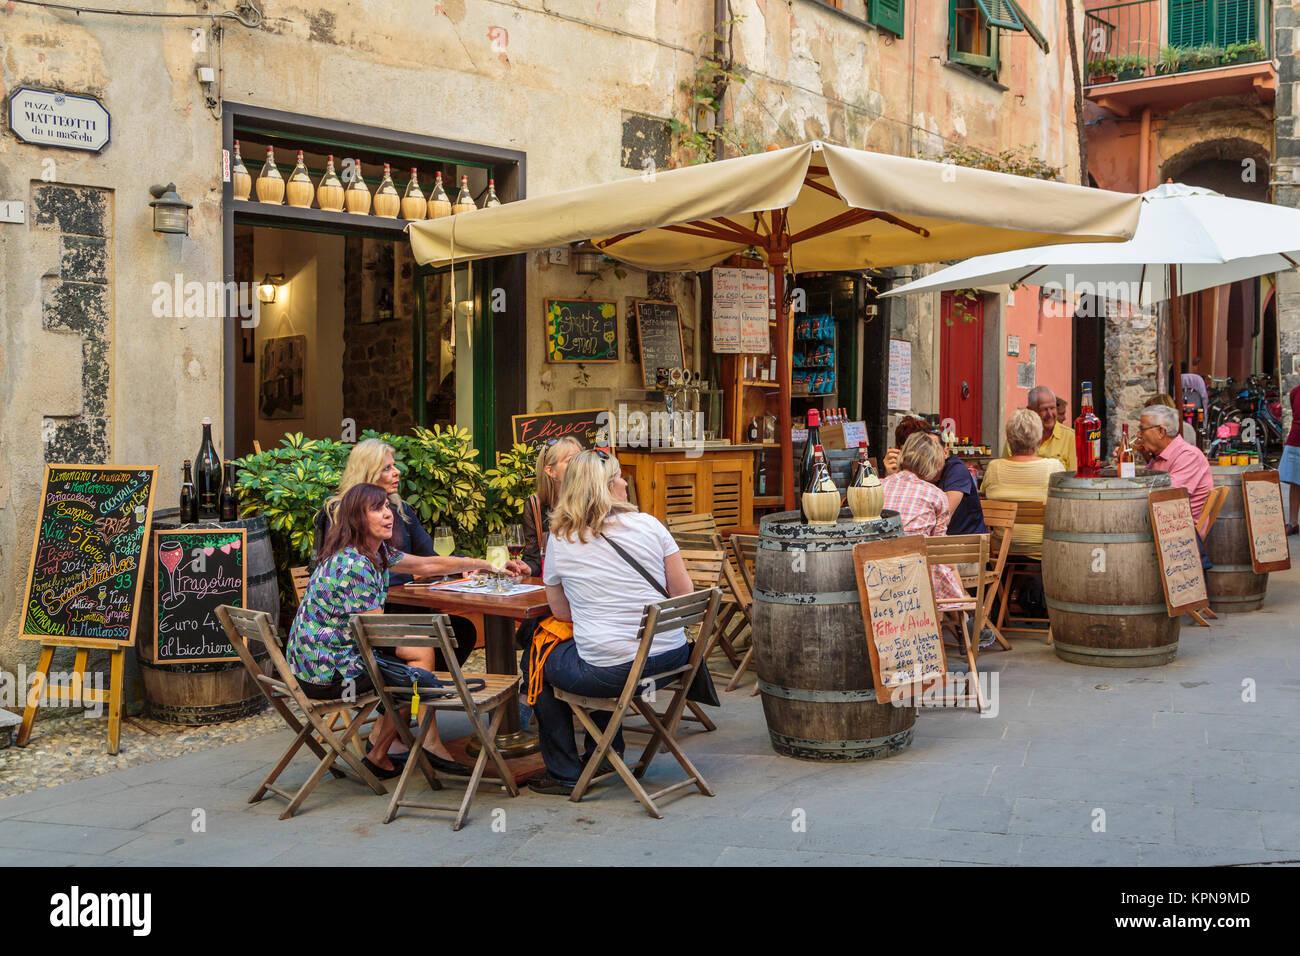 Un restaurant en plein air à Monterosso al Mare, Ligurie, Italie, Europe. Photo Stock